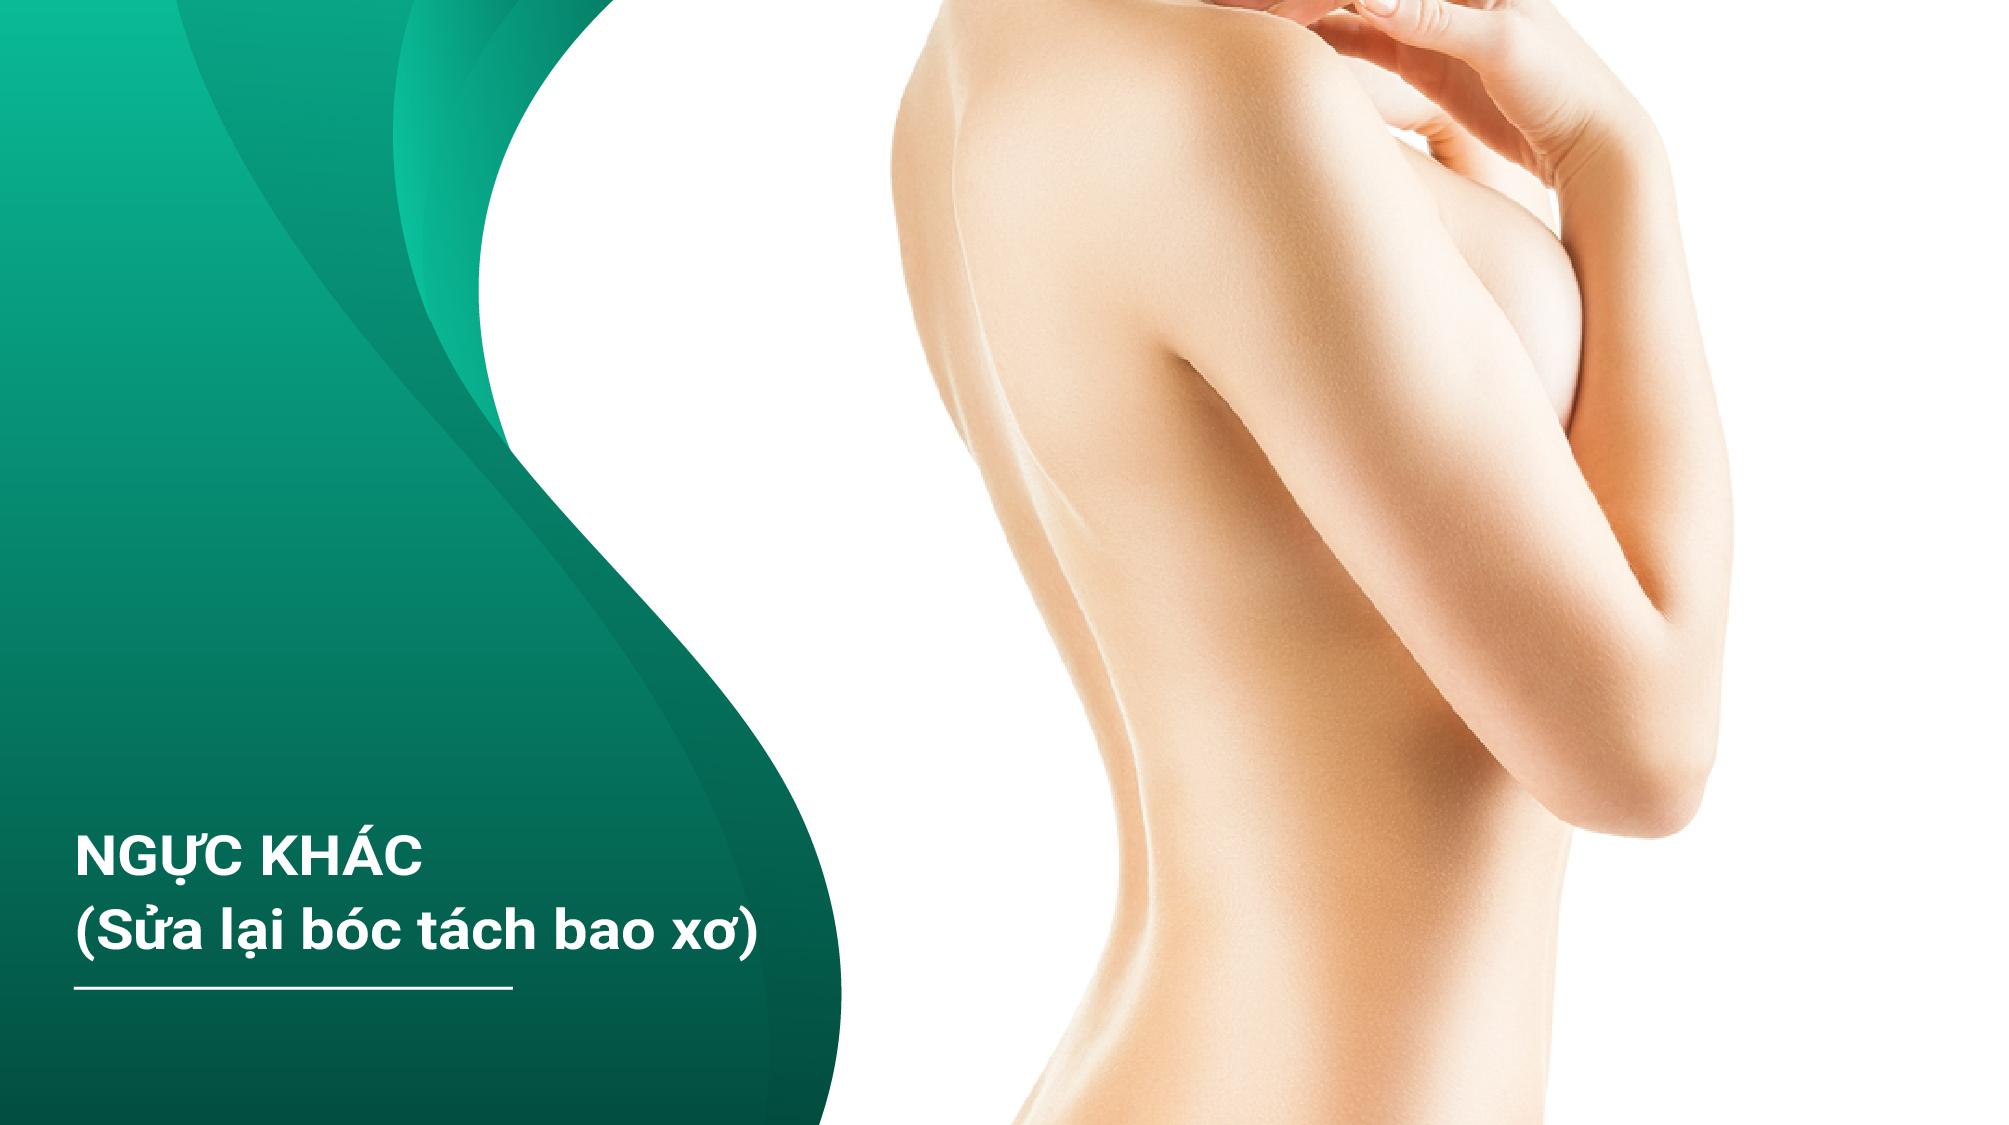 Ngực Khác ( Sửa Lại Bóc Tách Bao Xơ)